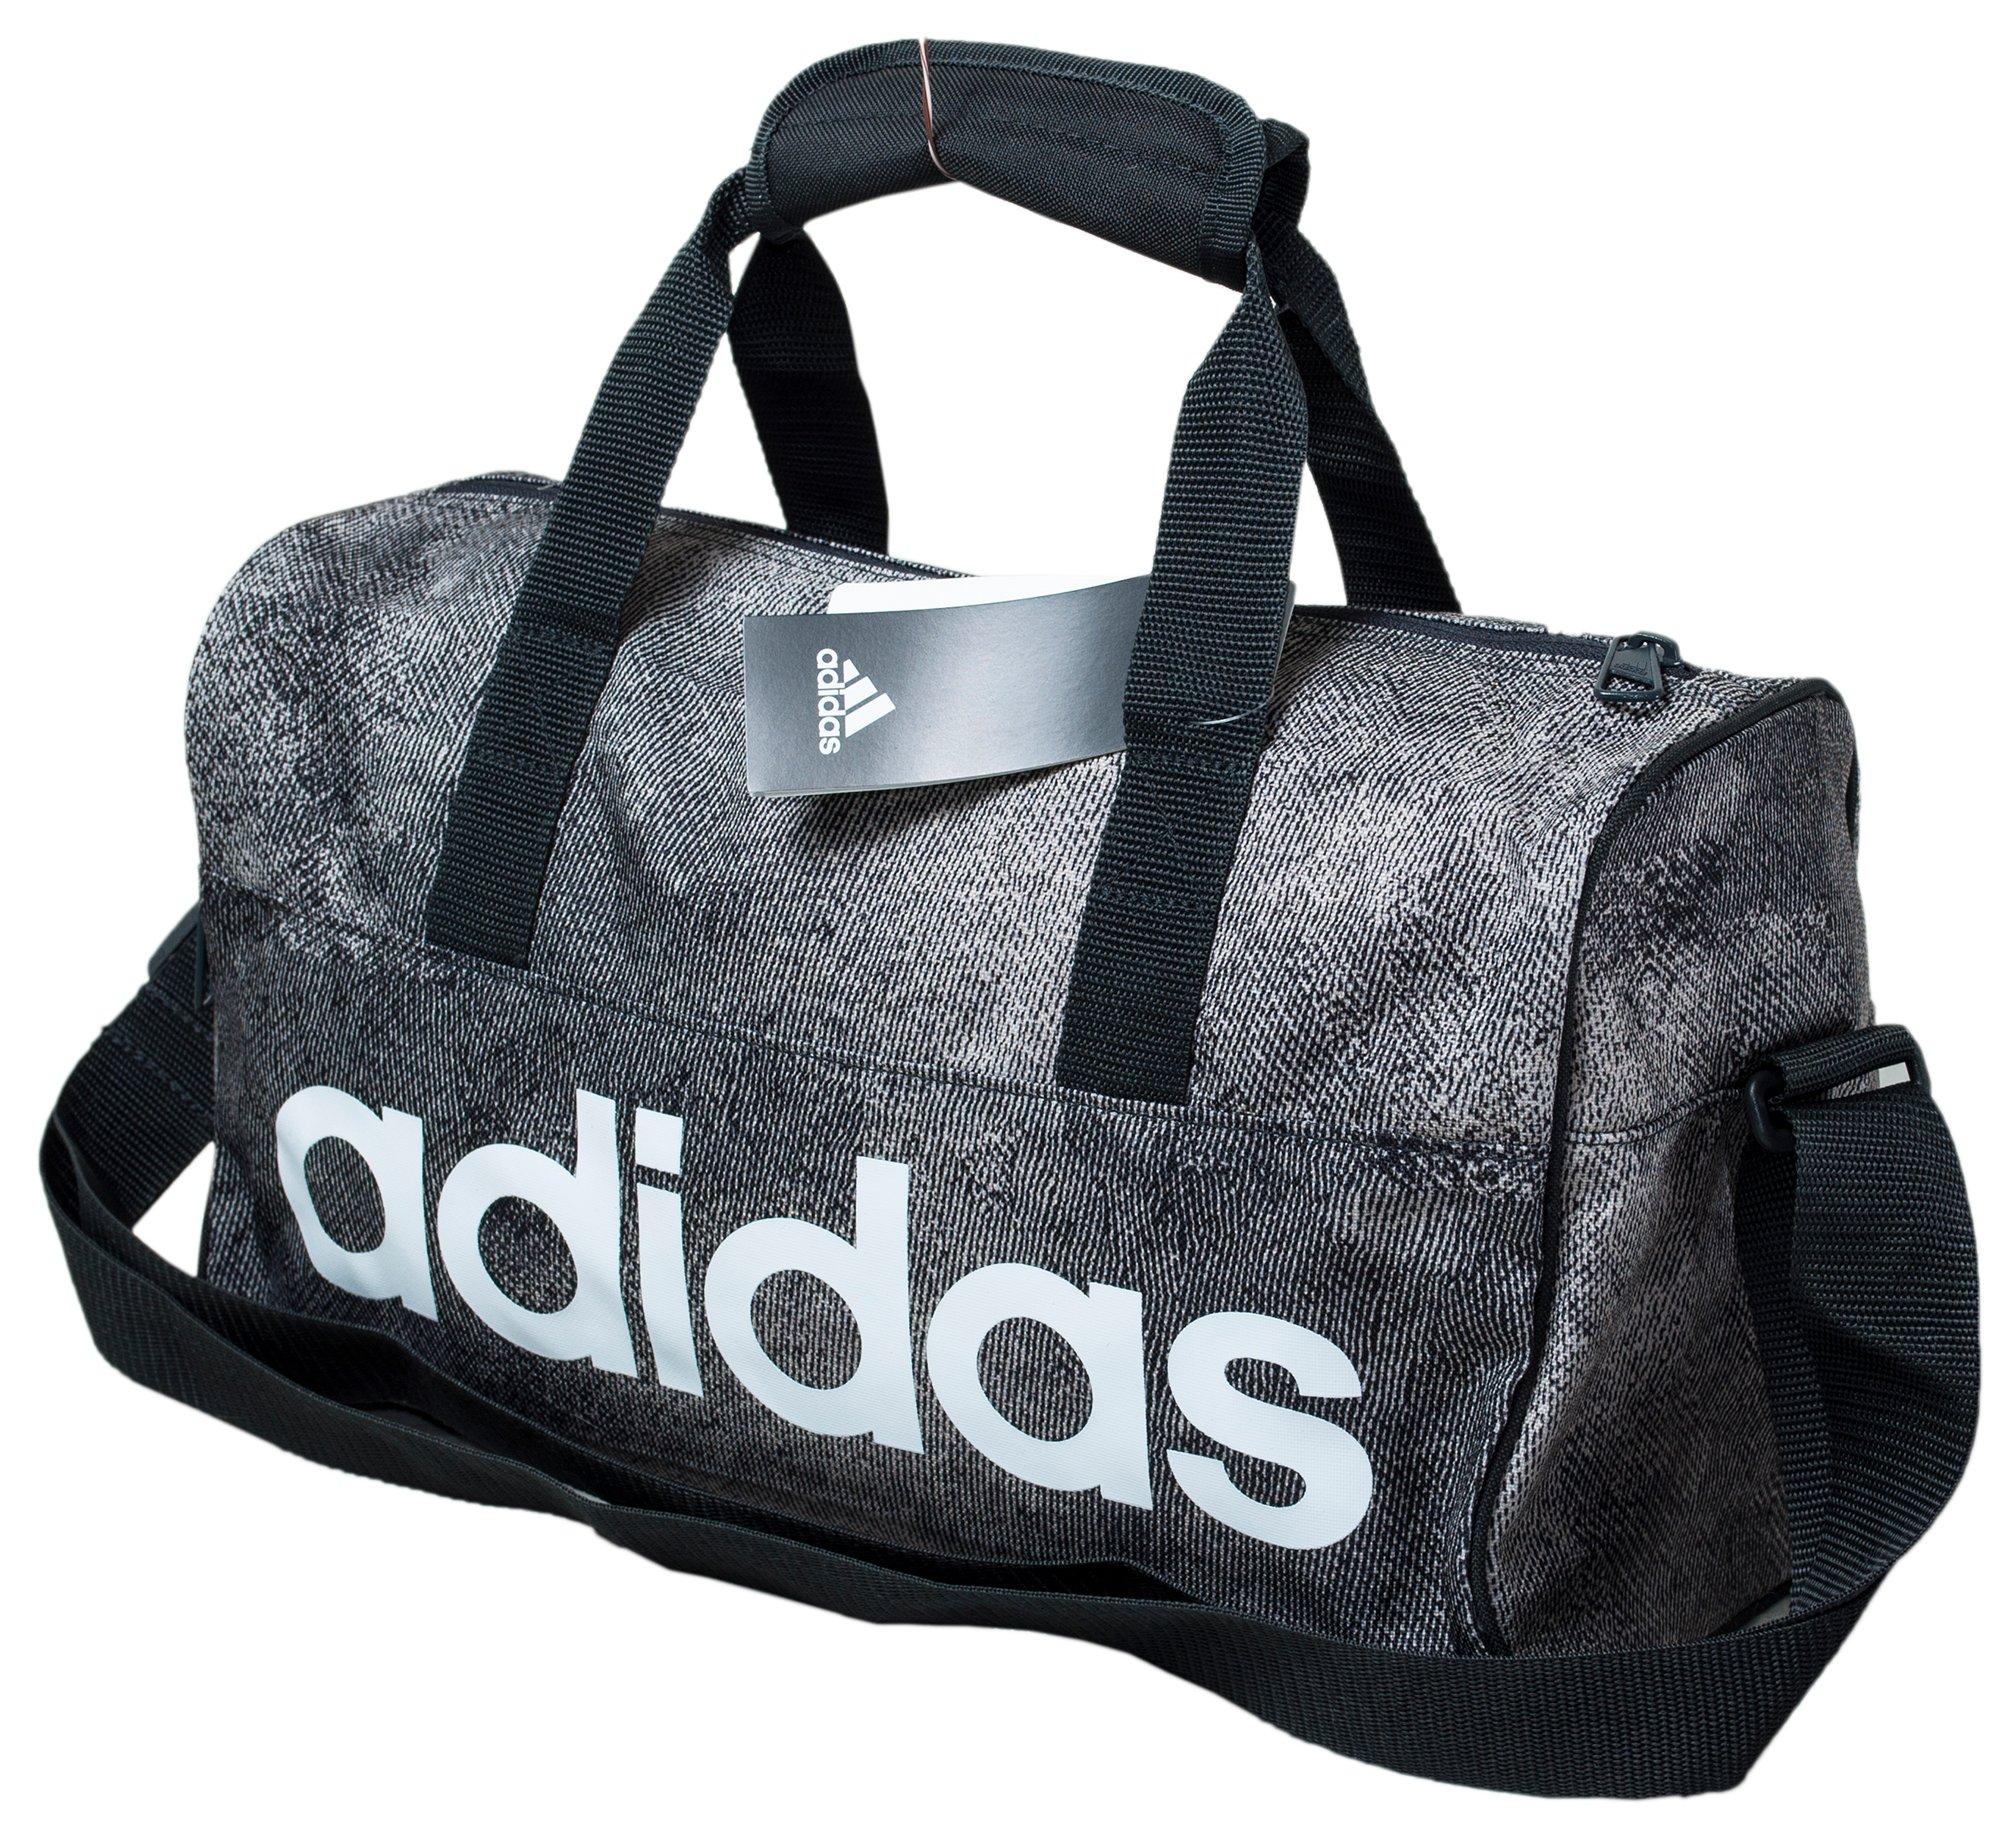 221c3b64da0c0 ADIDAS mała torba sportowa XS BARDZO FAJNA - 7408686351 - oficjalne ...